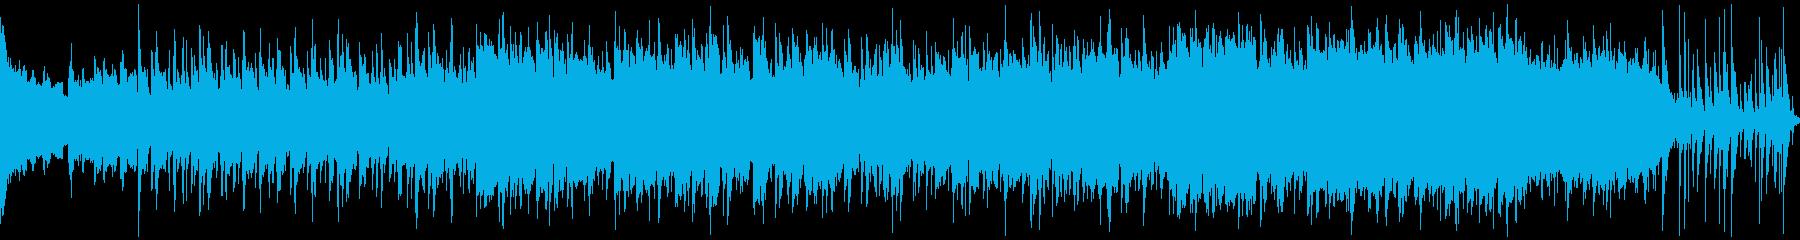 広大な大地を往くイメージの曲 ループの再生済みの波形